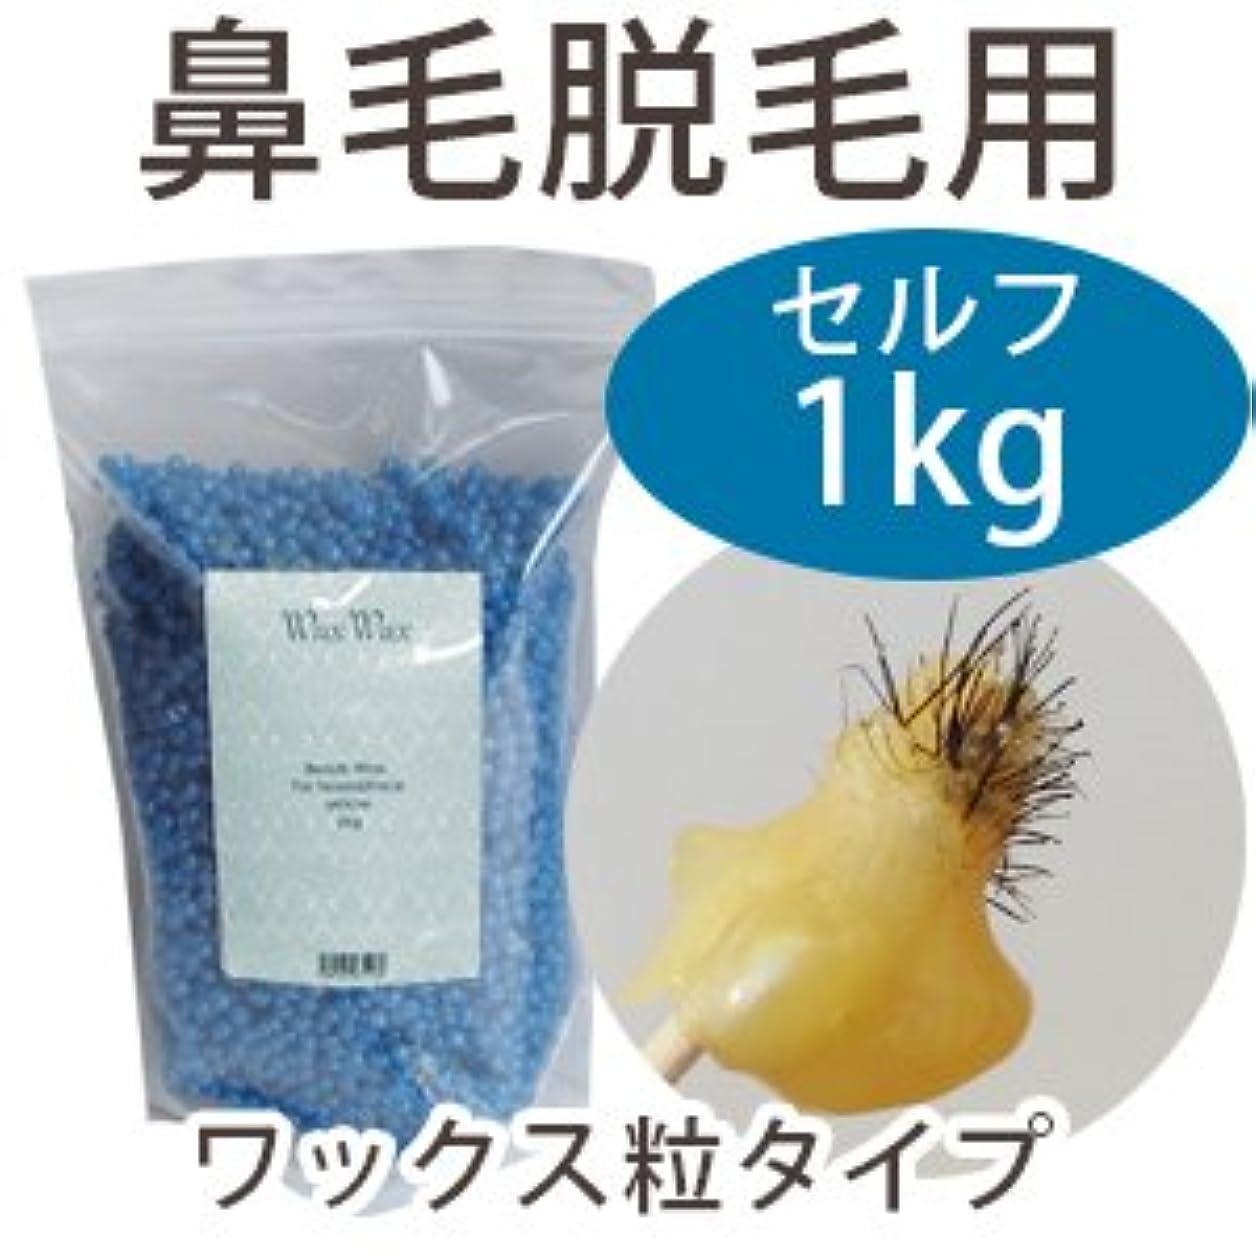 符号フォーム舗装鼻毛 産毛 脱毛 ビーズ ワックス (ブルー 1kg)